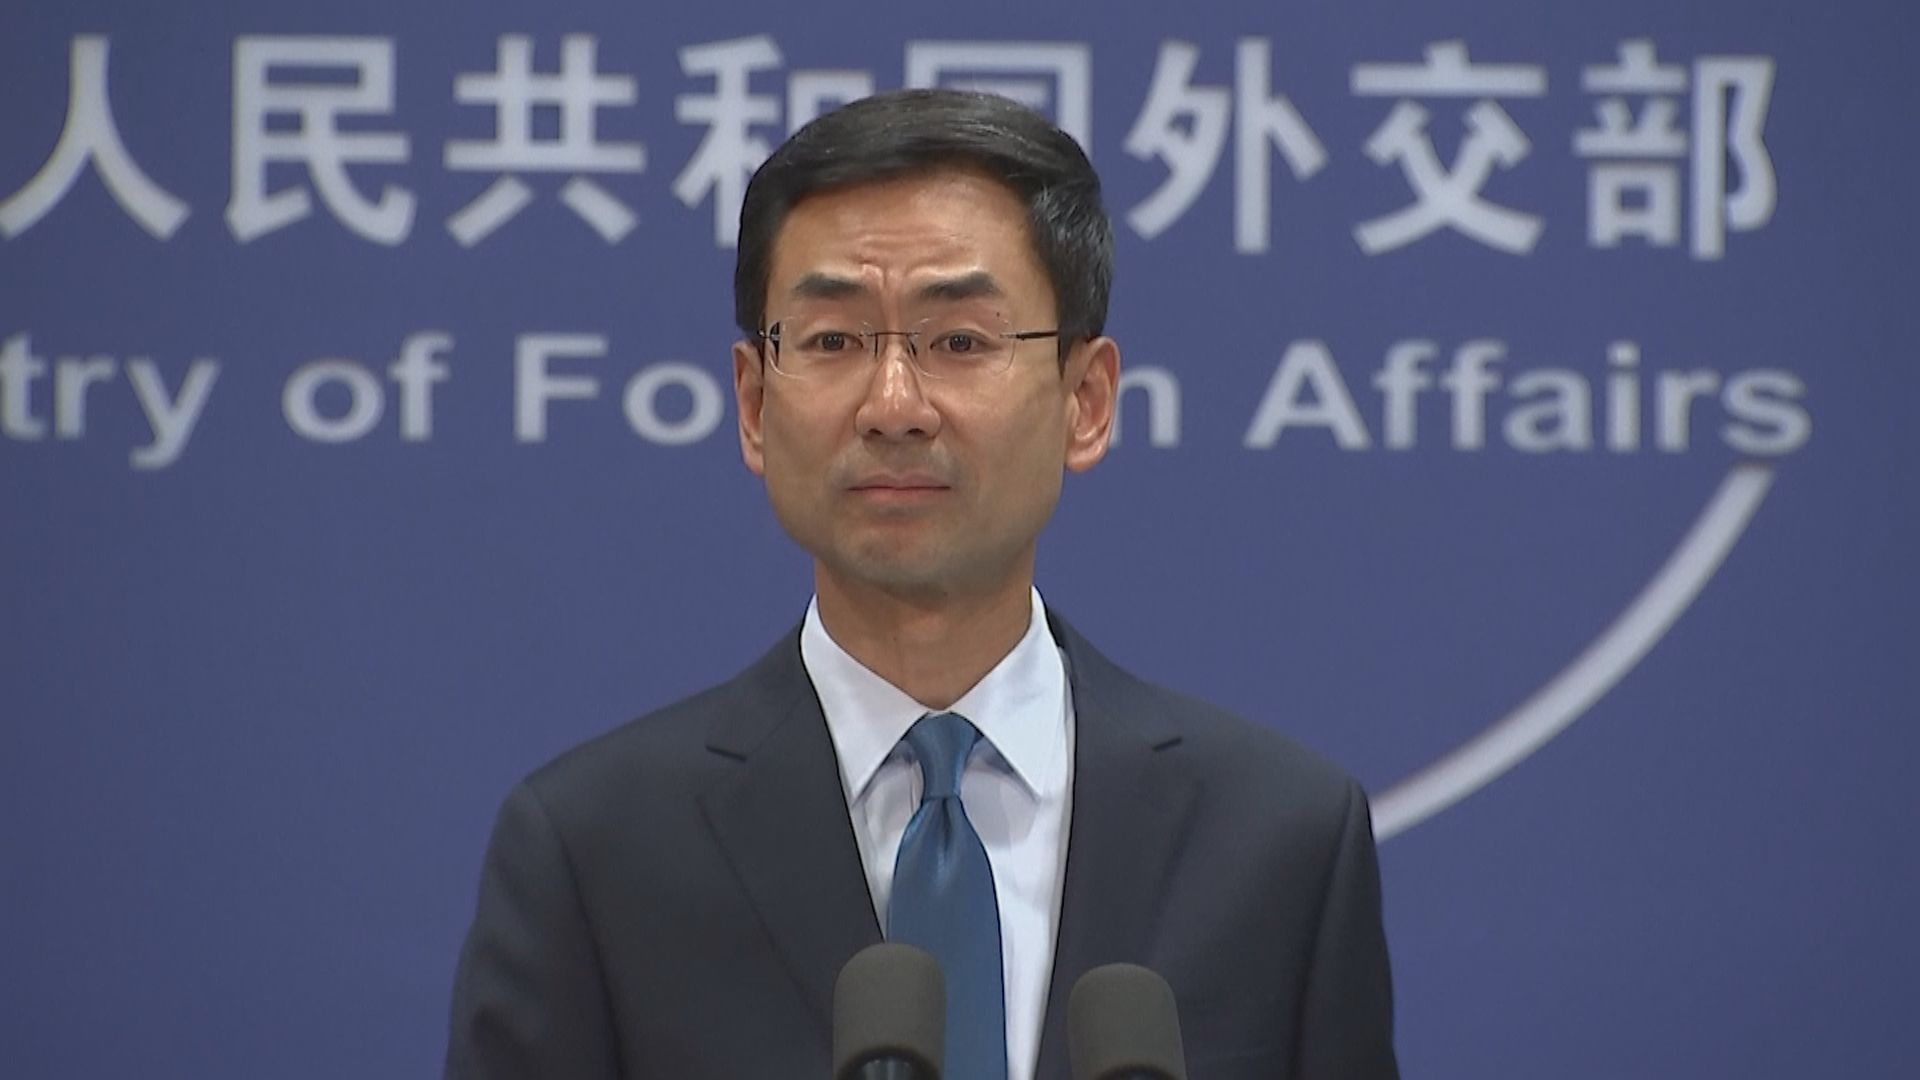 外交部:對當前中東海灣地區緊張局勢表關切